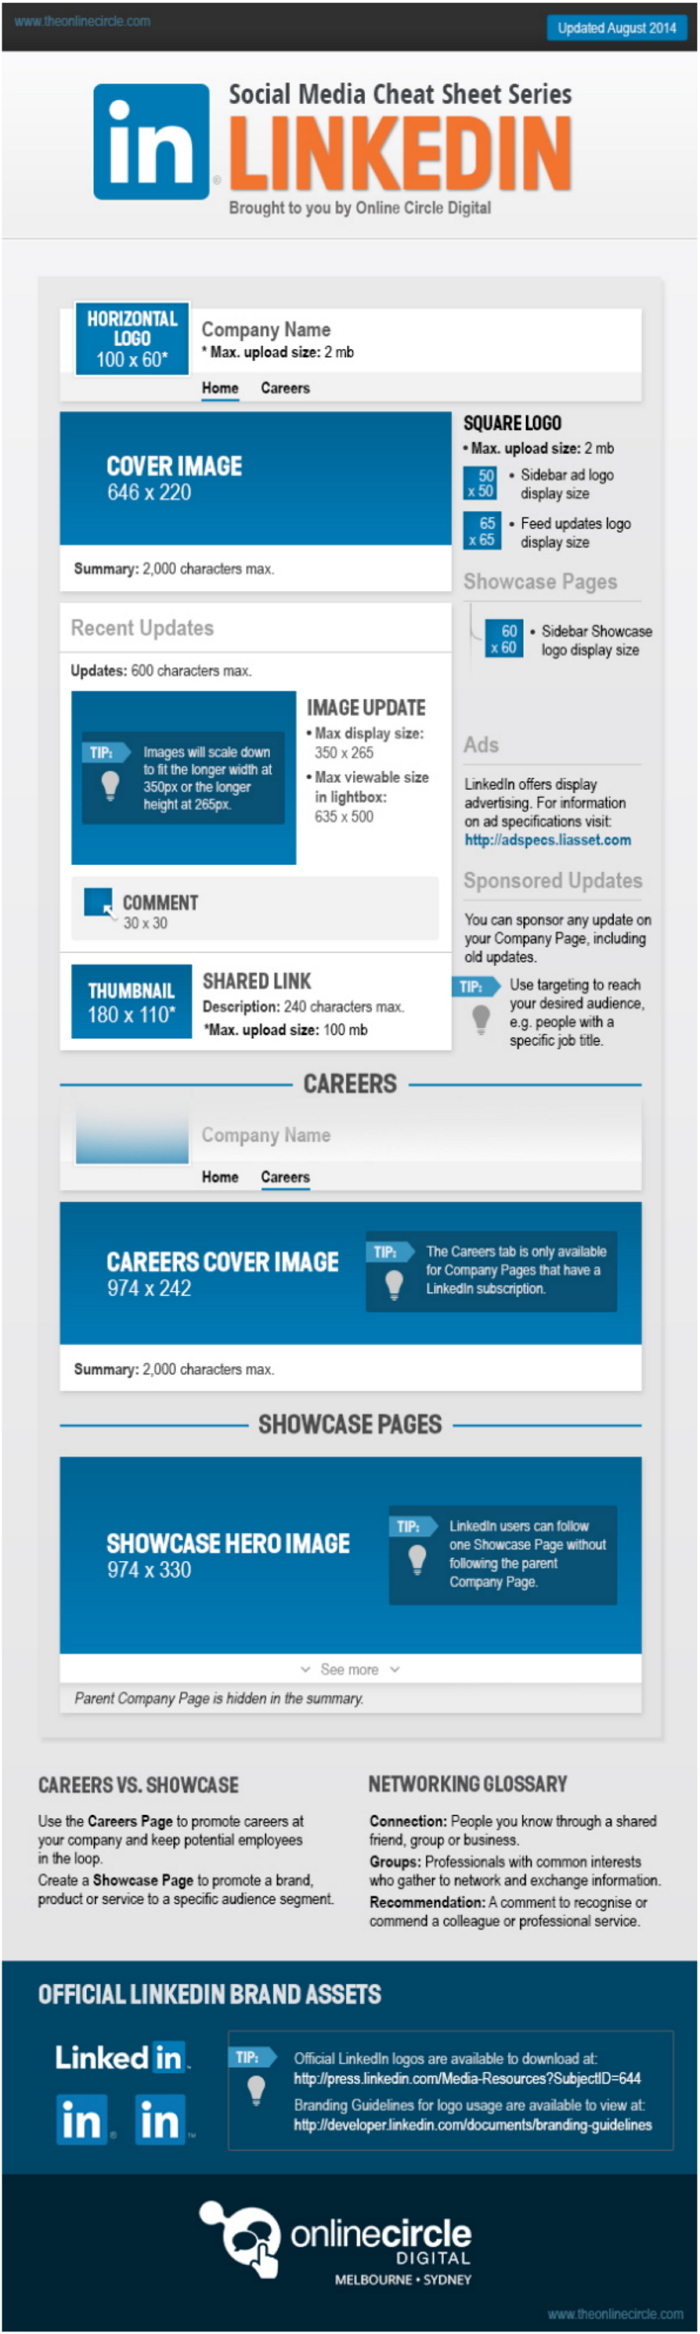 social-media-cheat-sheet-linkedin